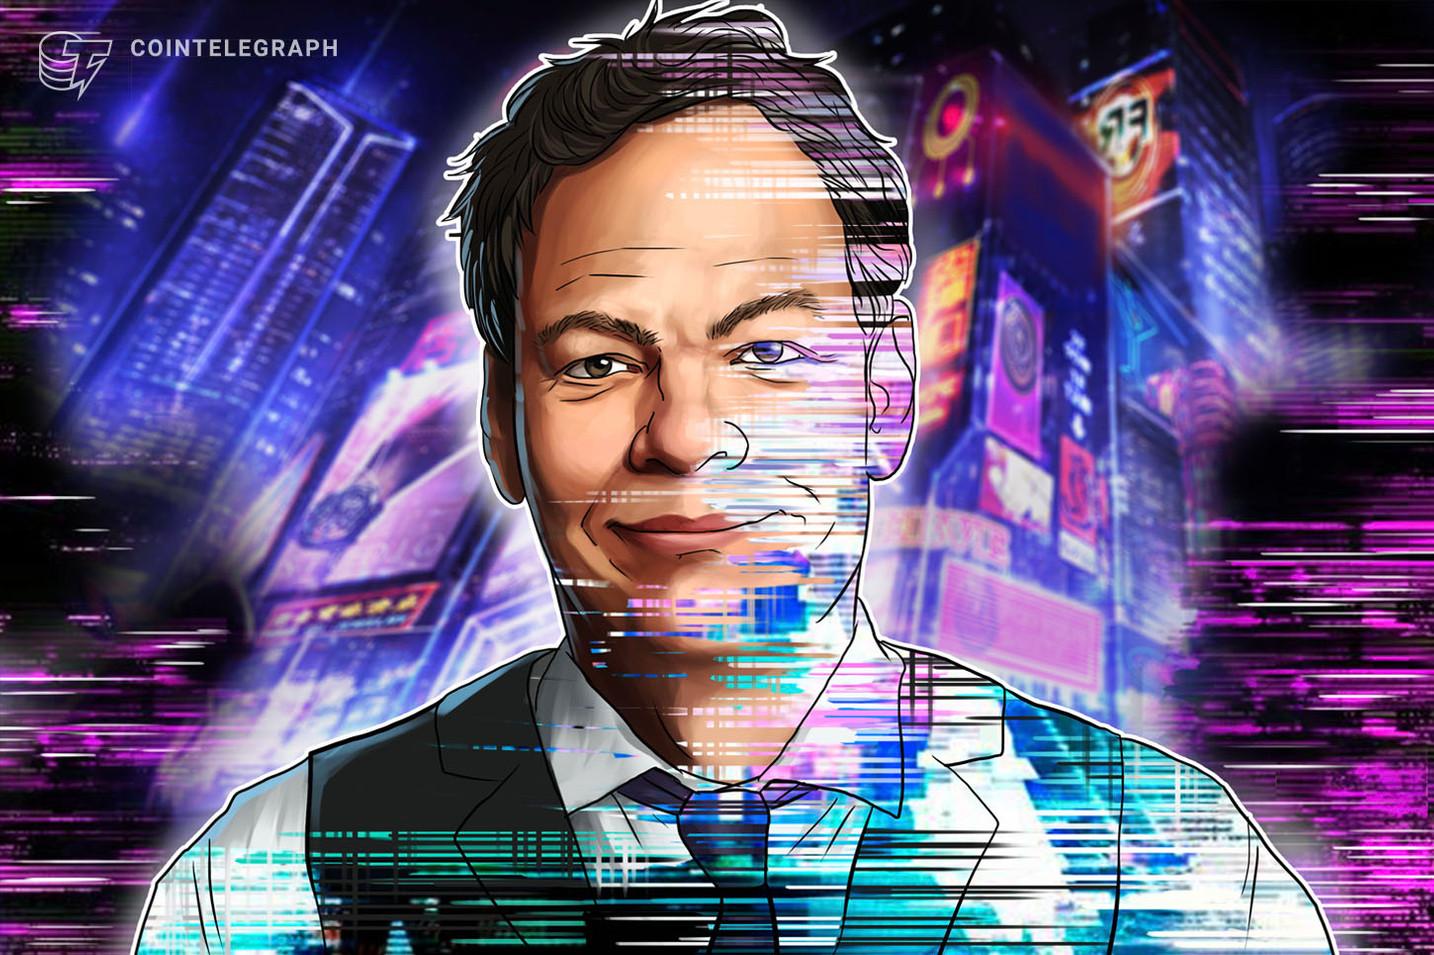 Kajzer: Bitkoin bi ove nedelje mogao da pređe 15.000 dolara